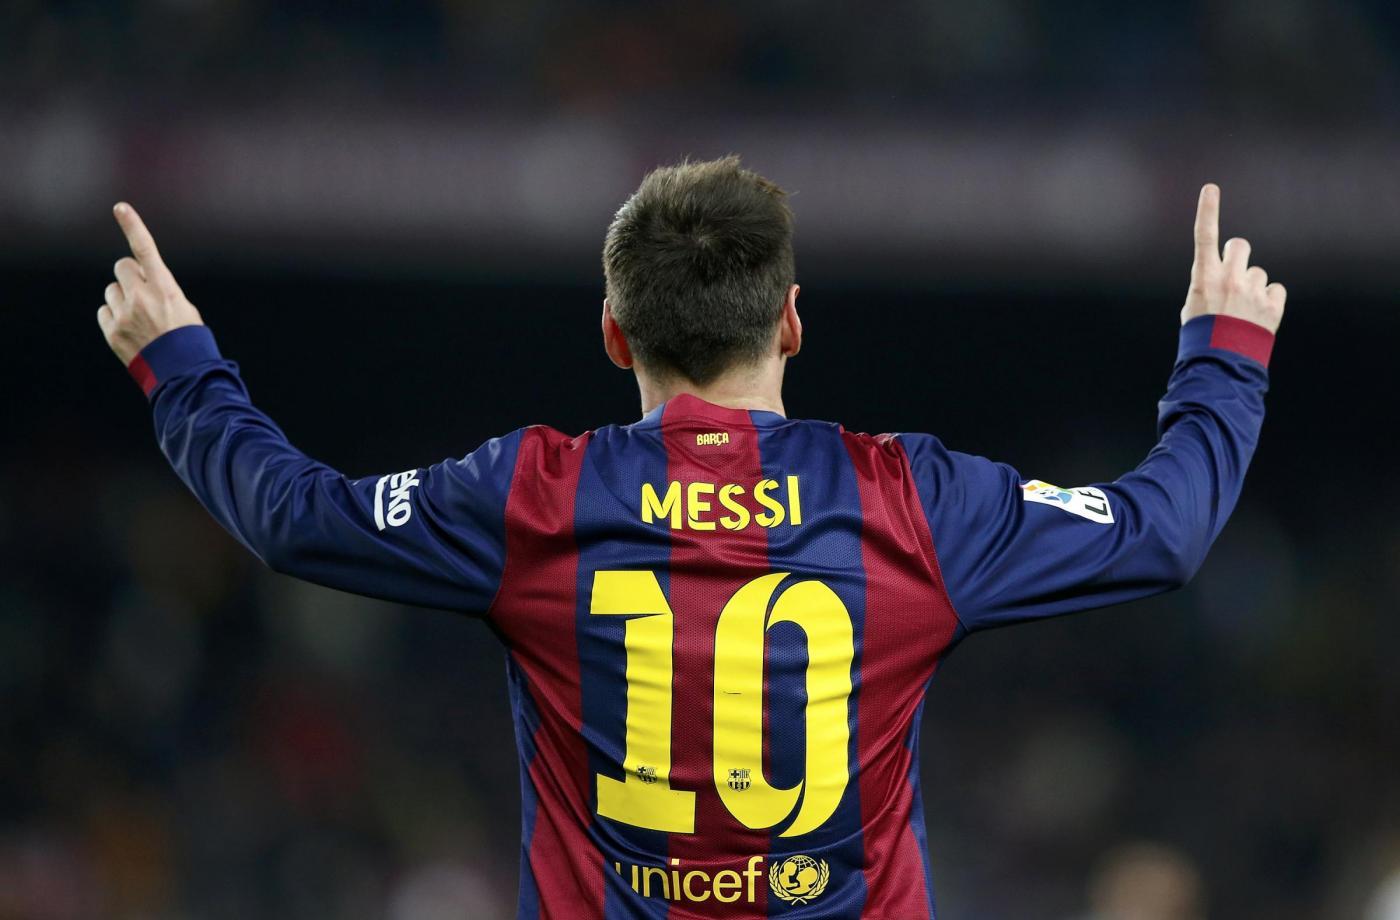 Messi Storia Di Un Campione Il Film Sul Calciatore